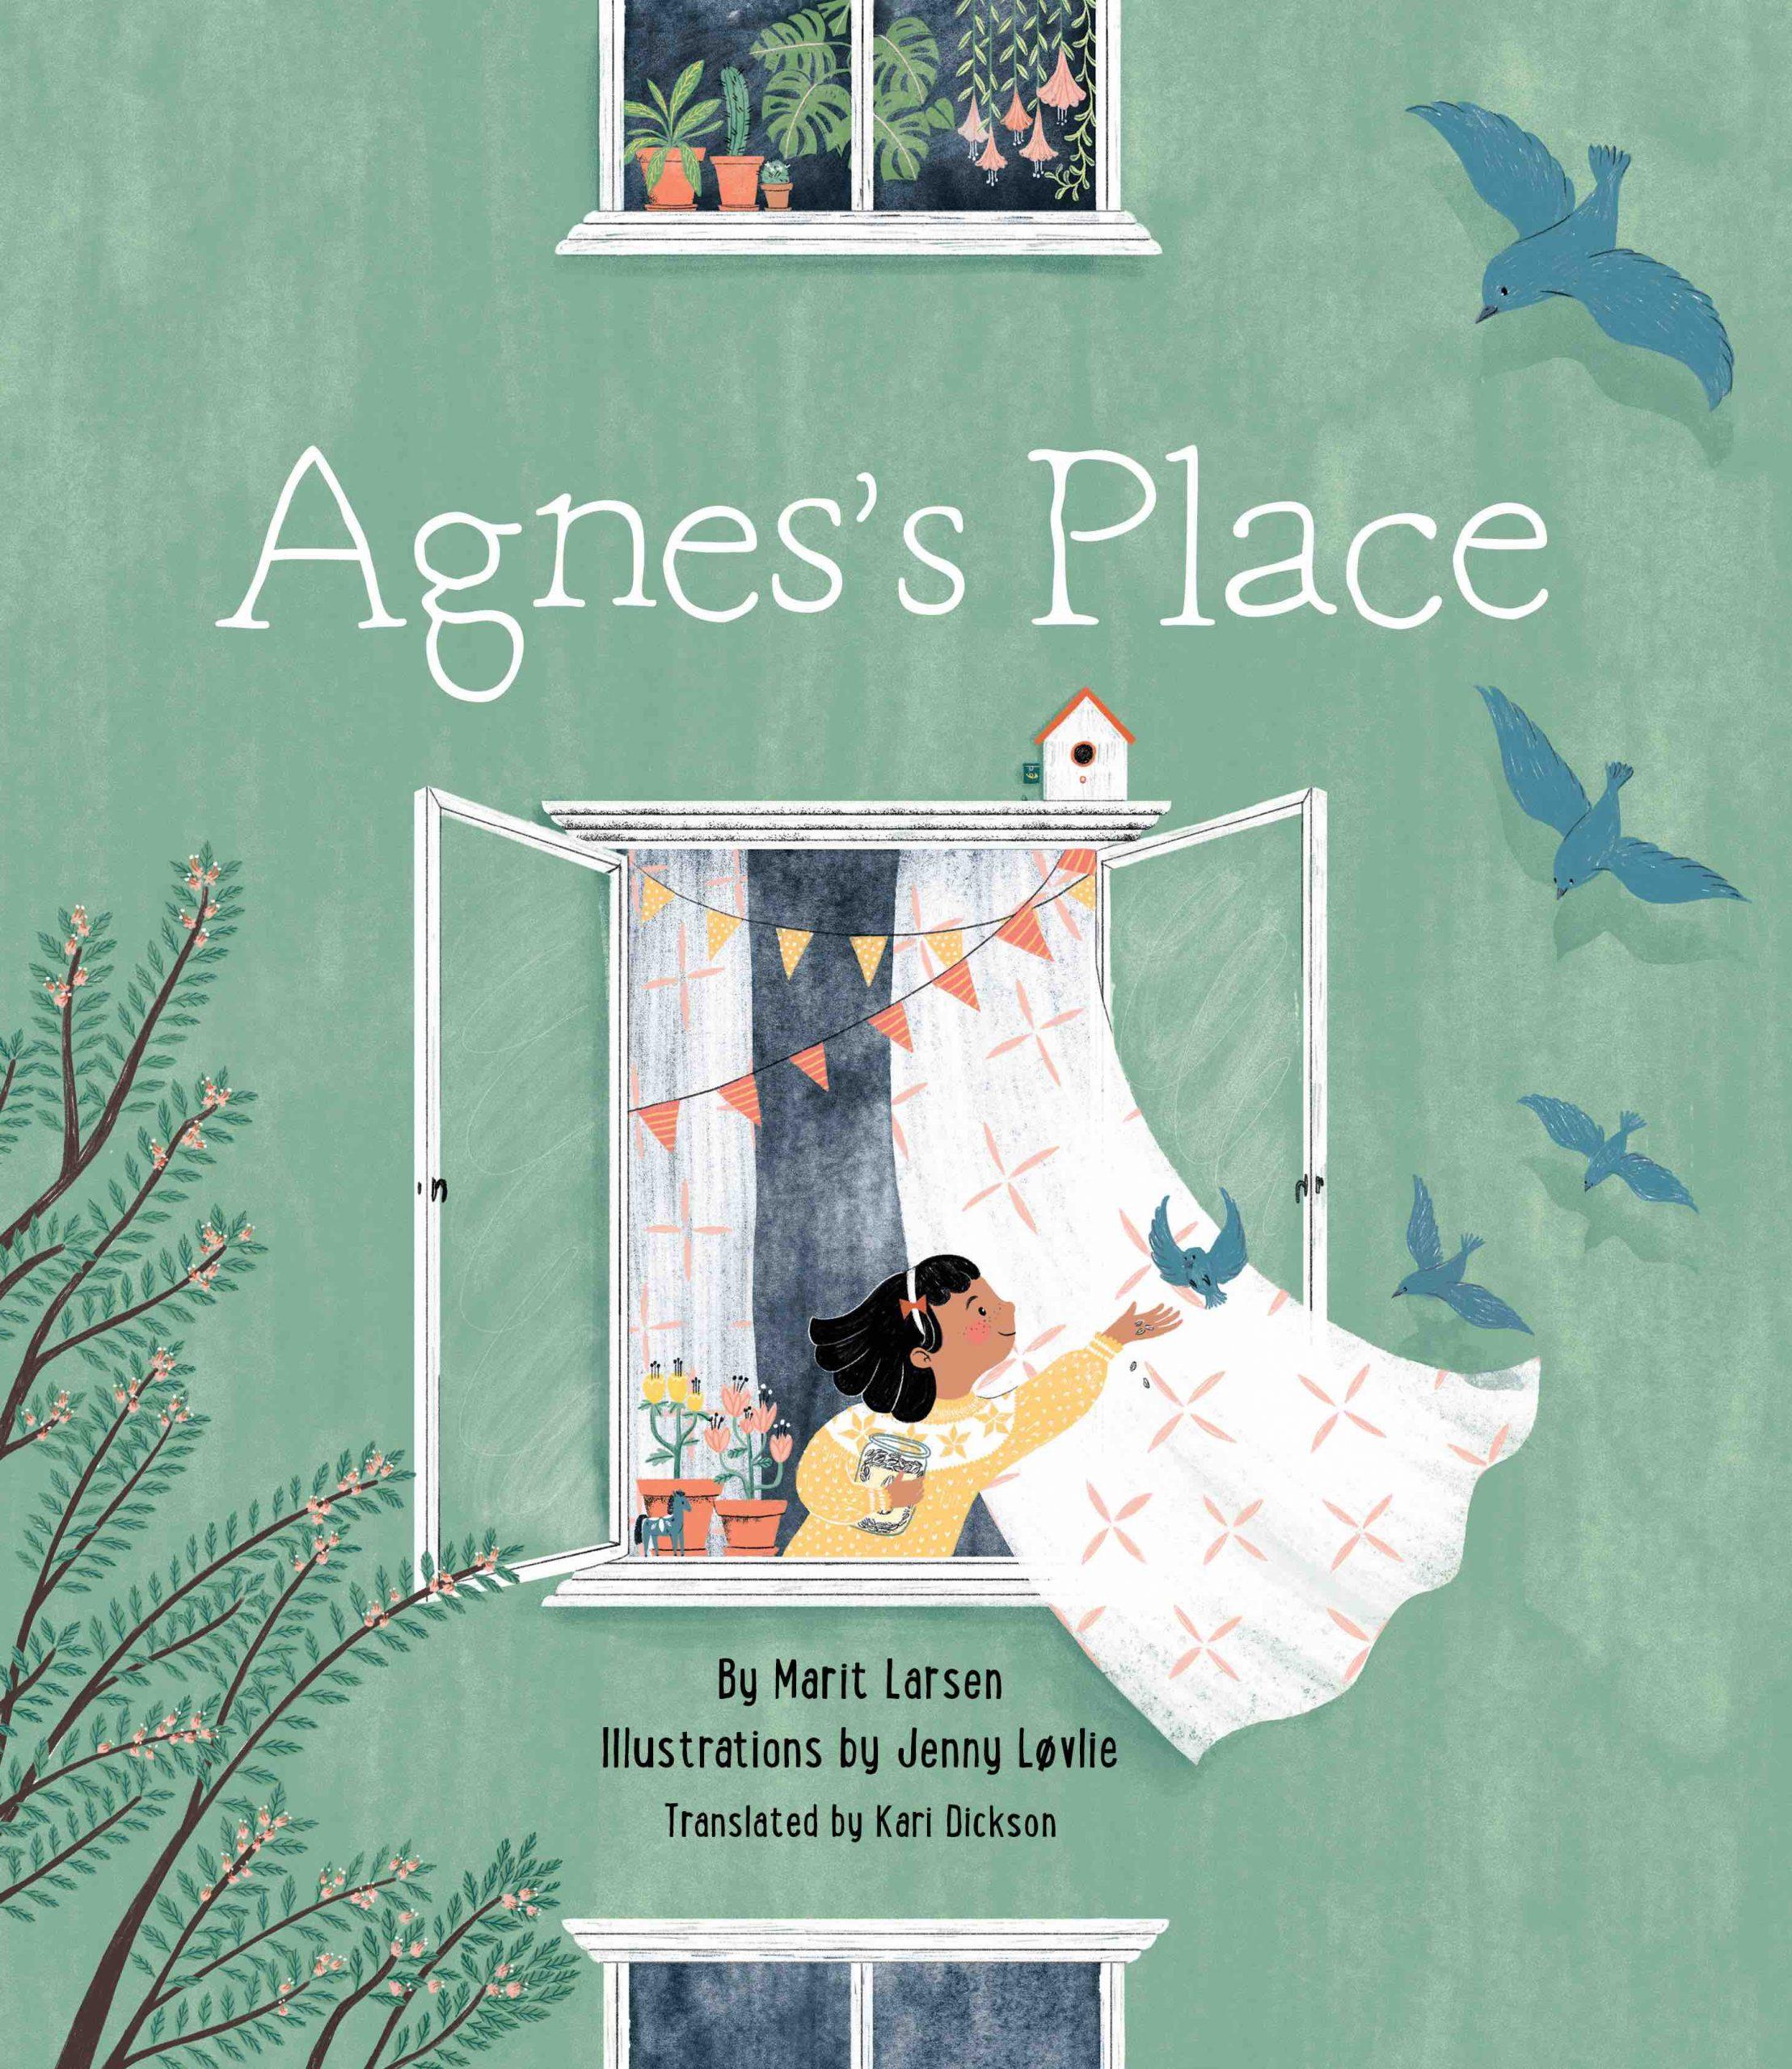 Agnes's Place